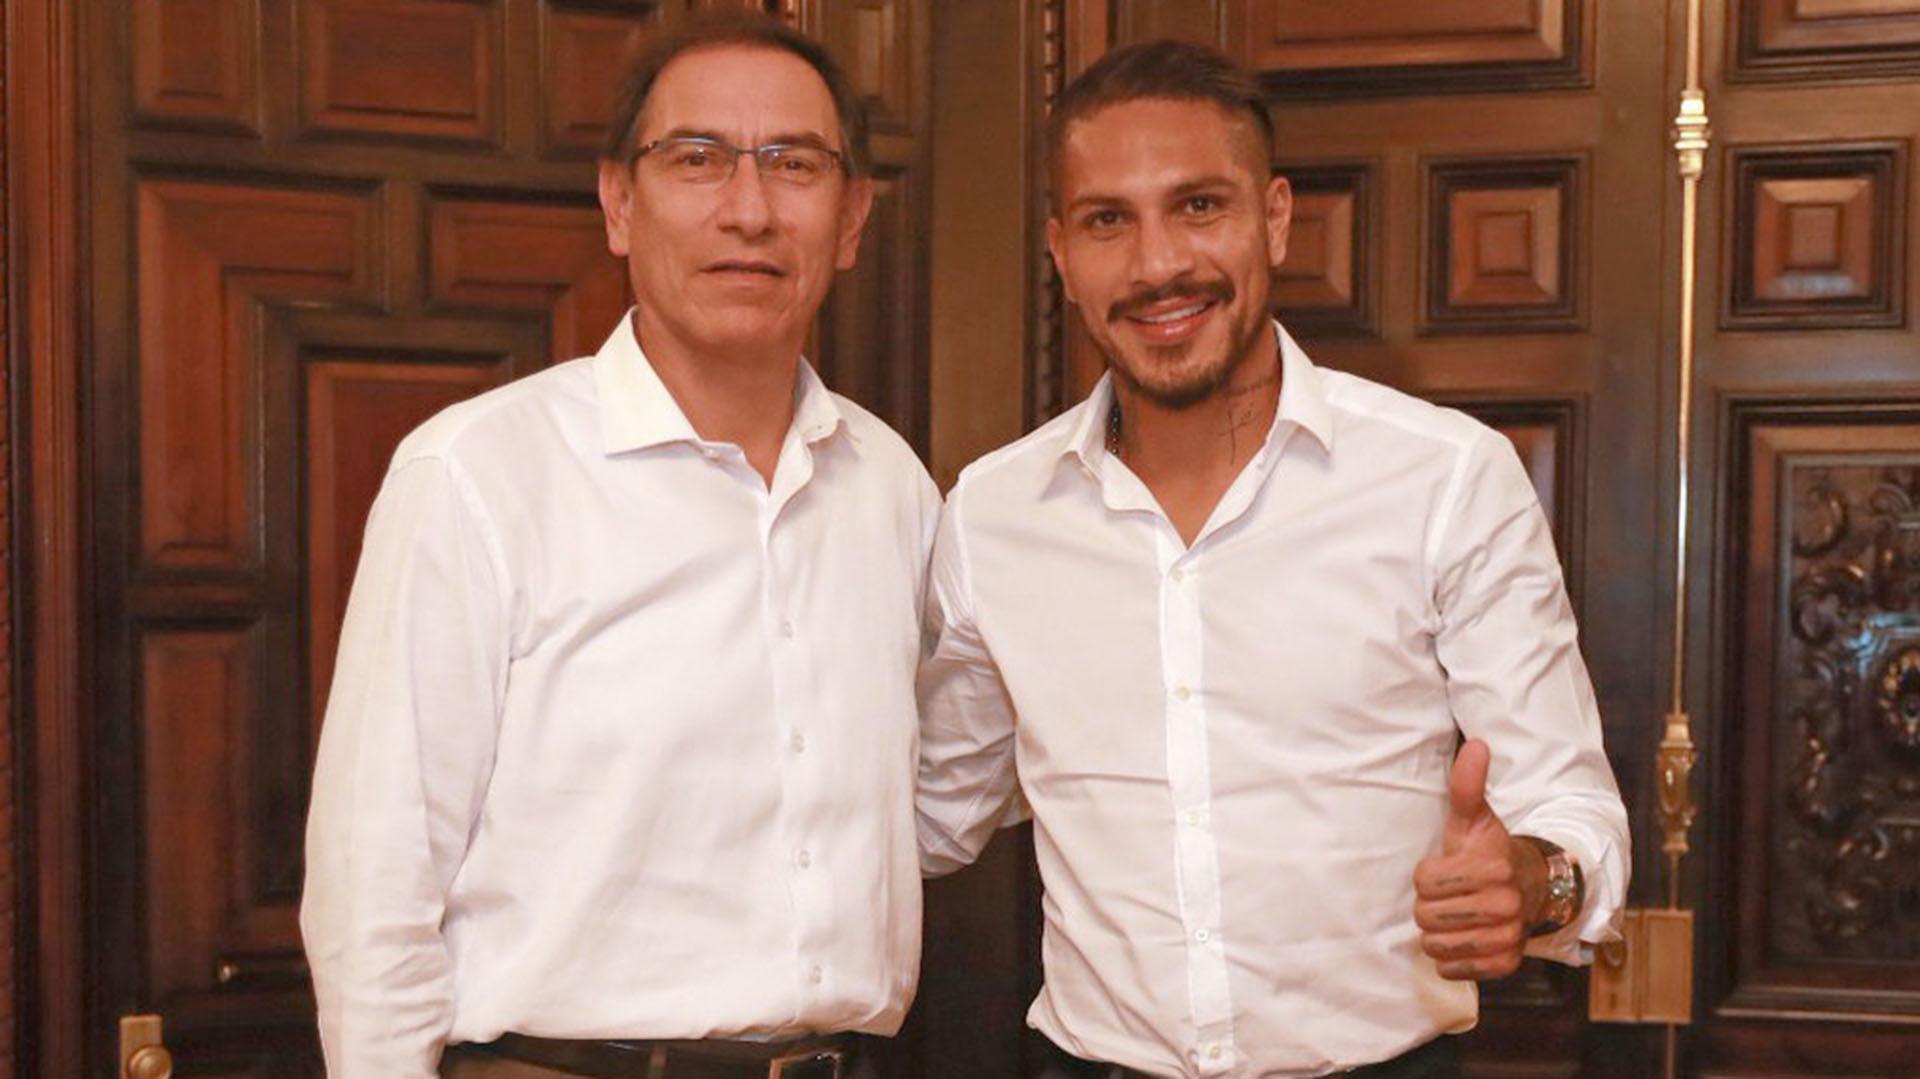 Vizcarra y Guerrero en la reunión (@MartinVizcarraC)